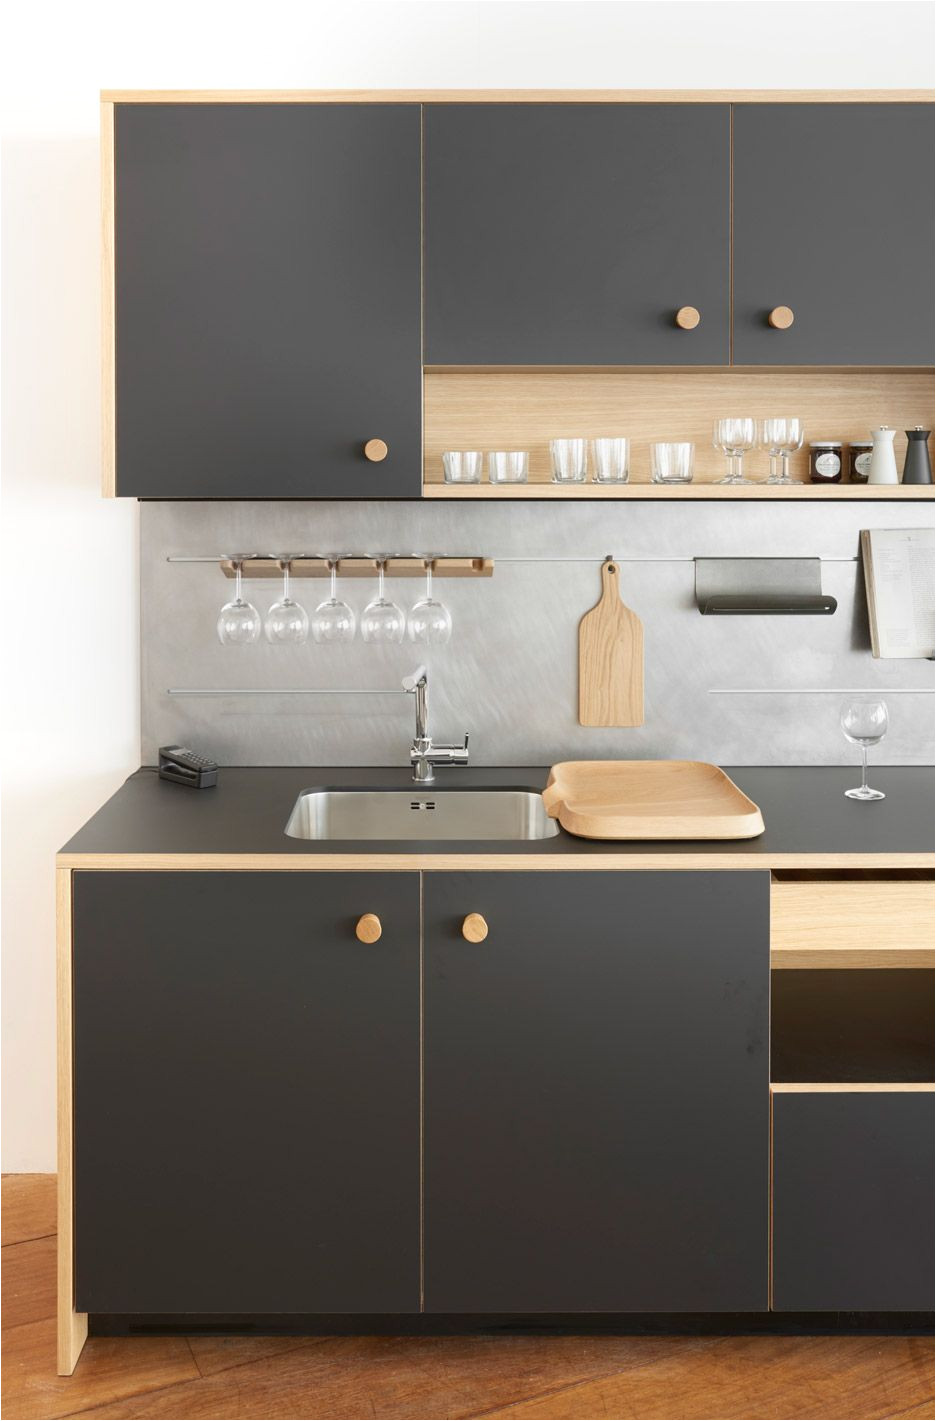 Stunning Diseños De Cocina Sencillas Gallery - Casas: Ideas ...